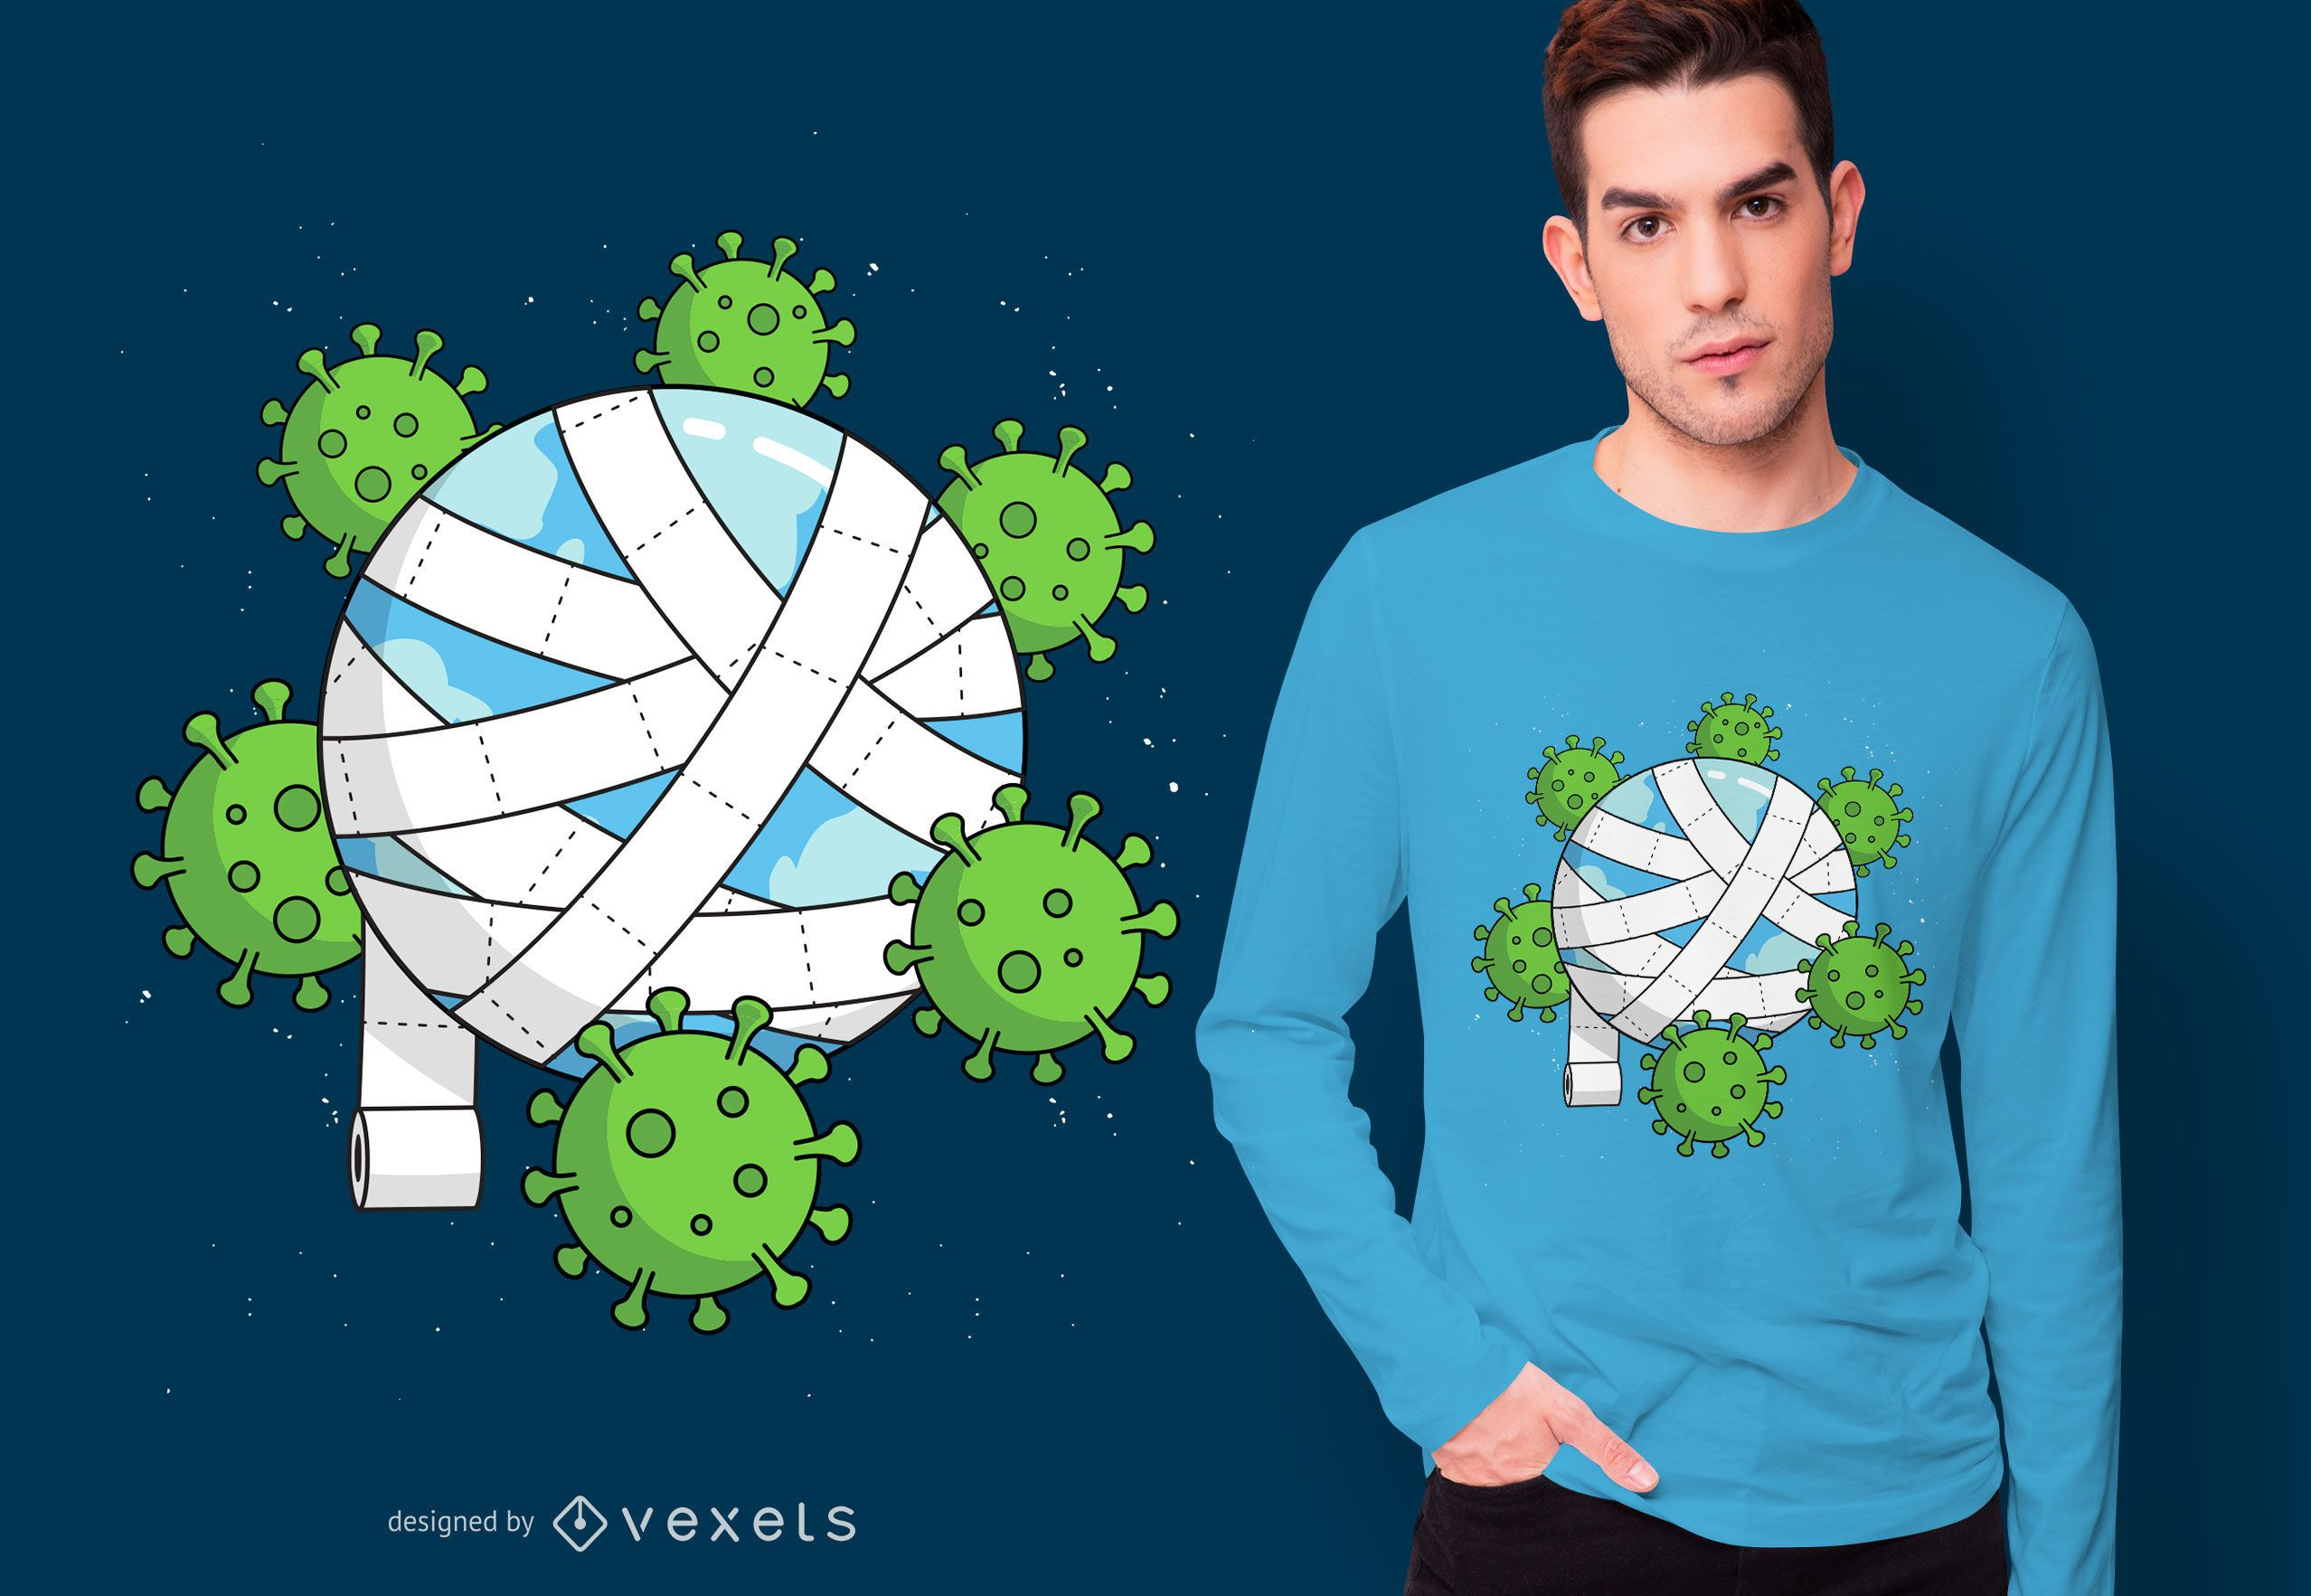 Toilet Paper Planet T-shirt Design